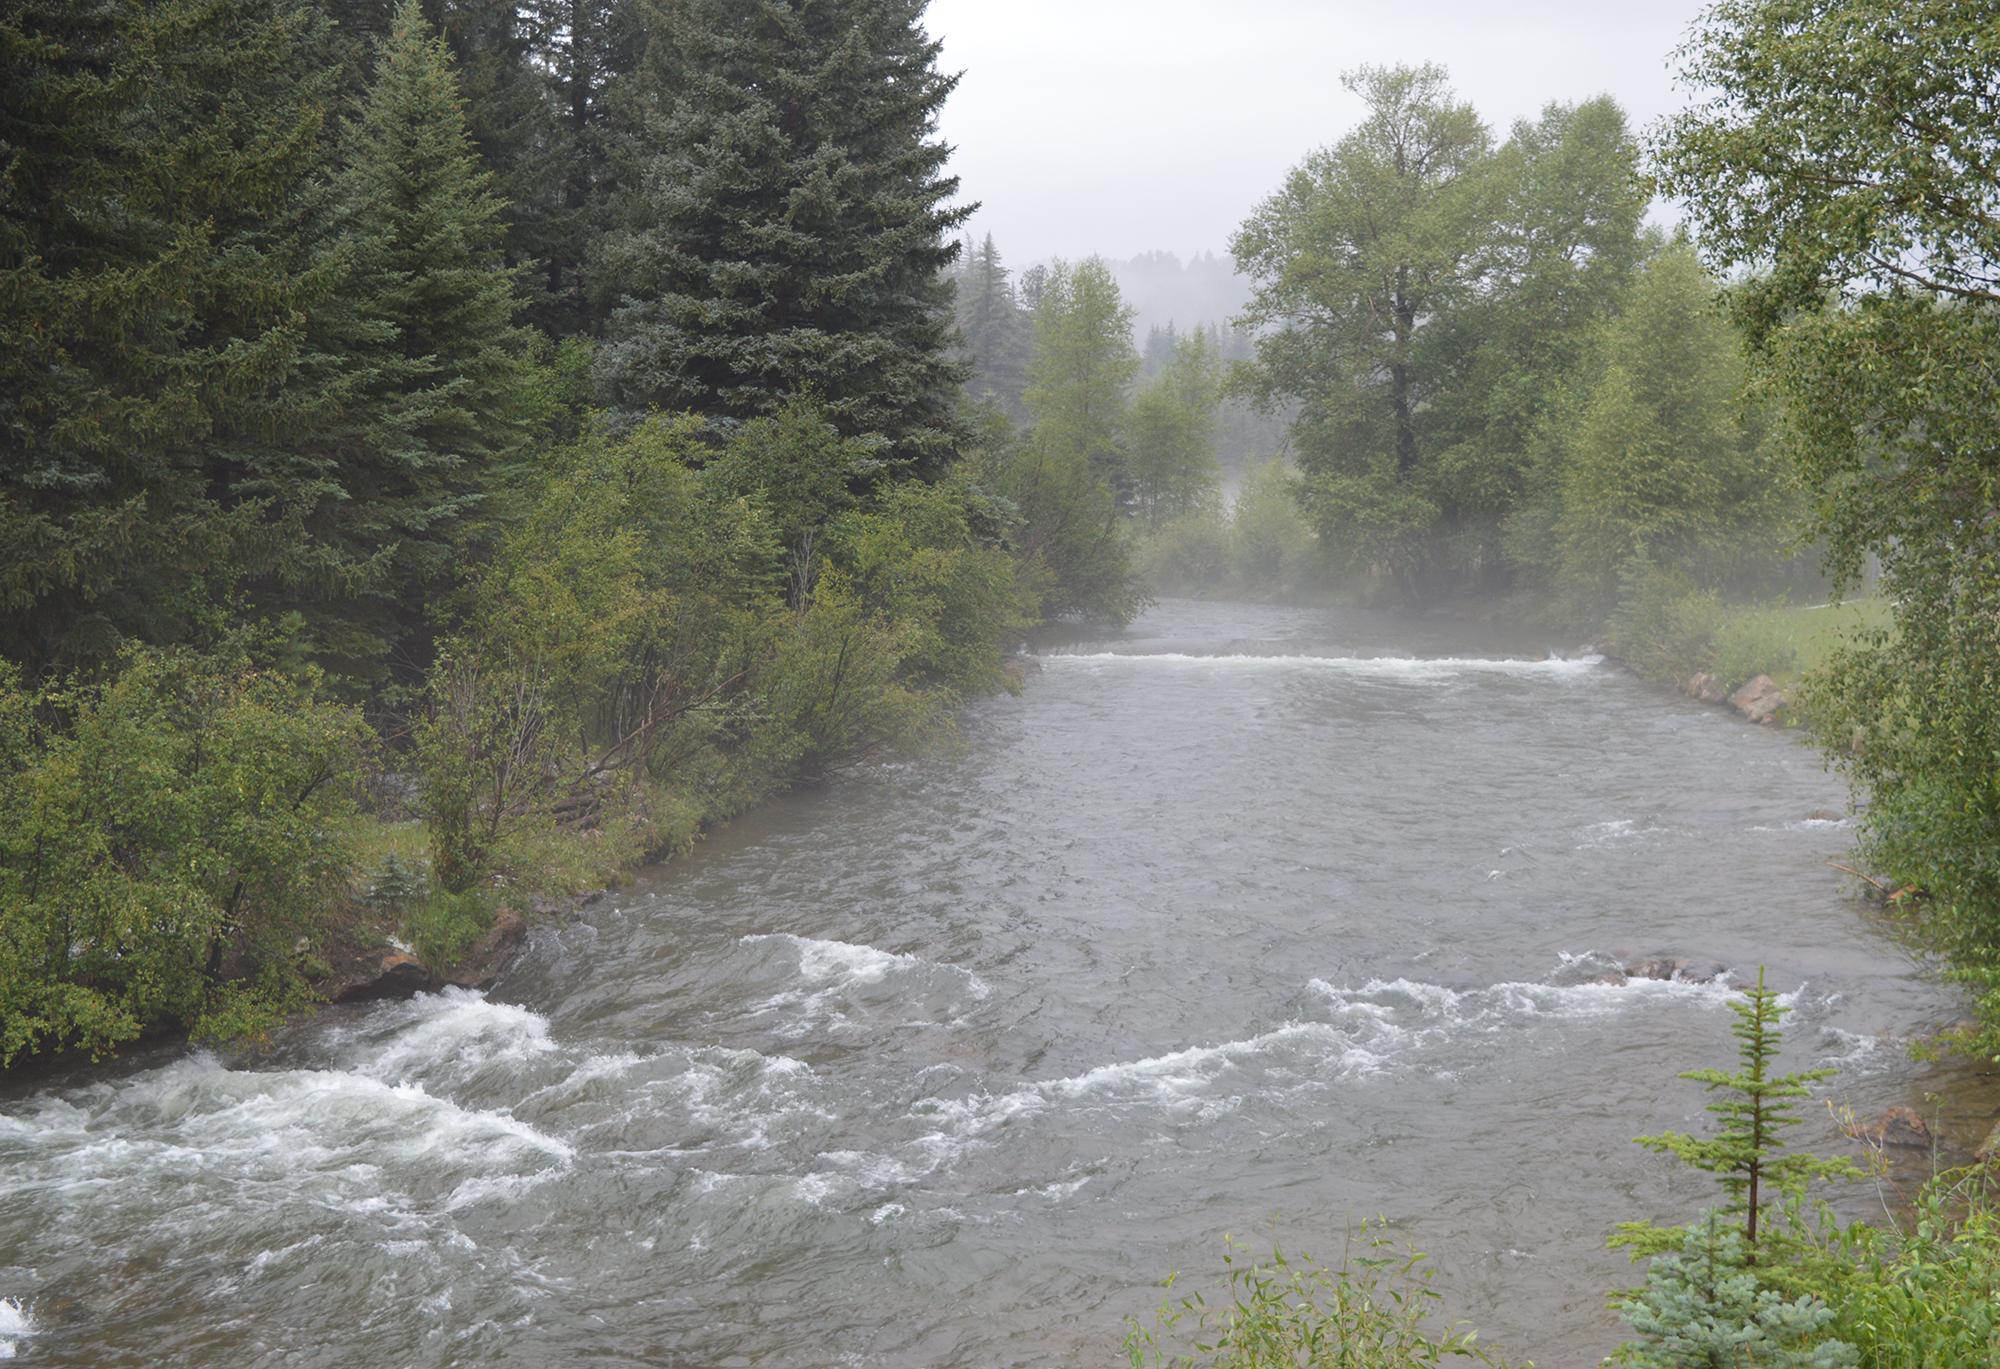 Fog_River_Reduced.jpg